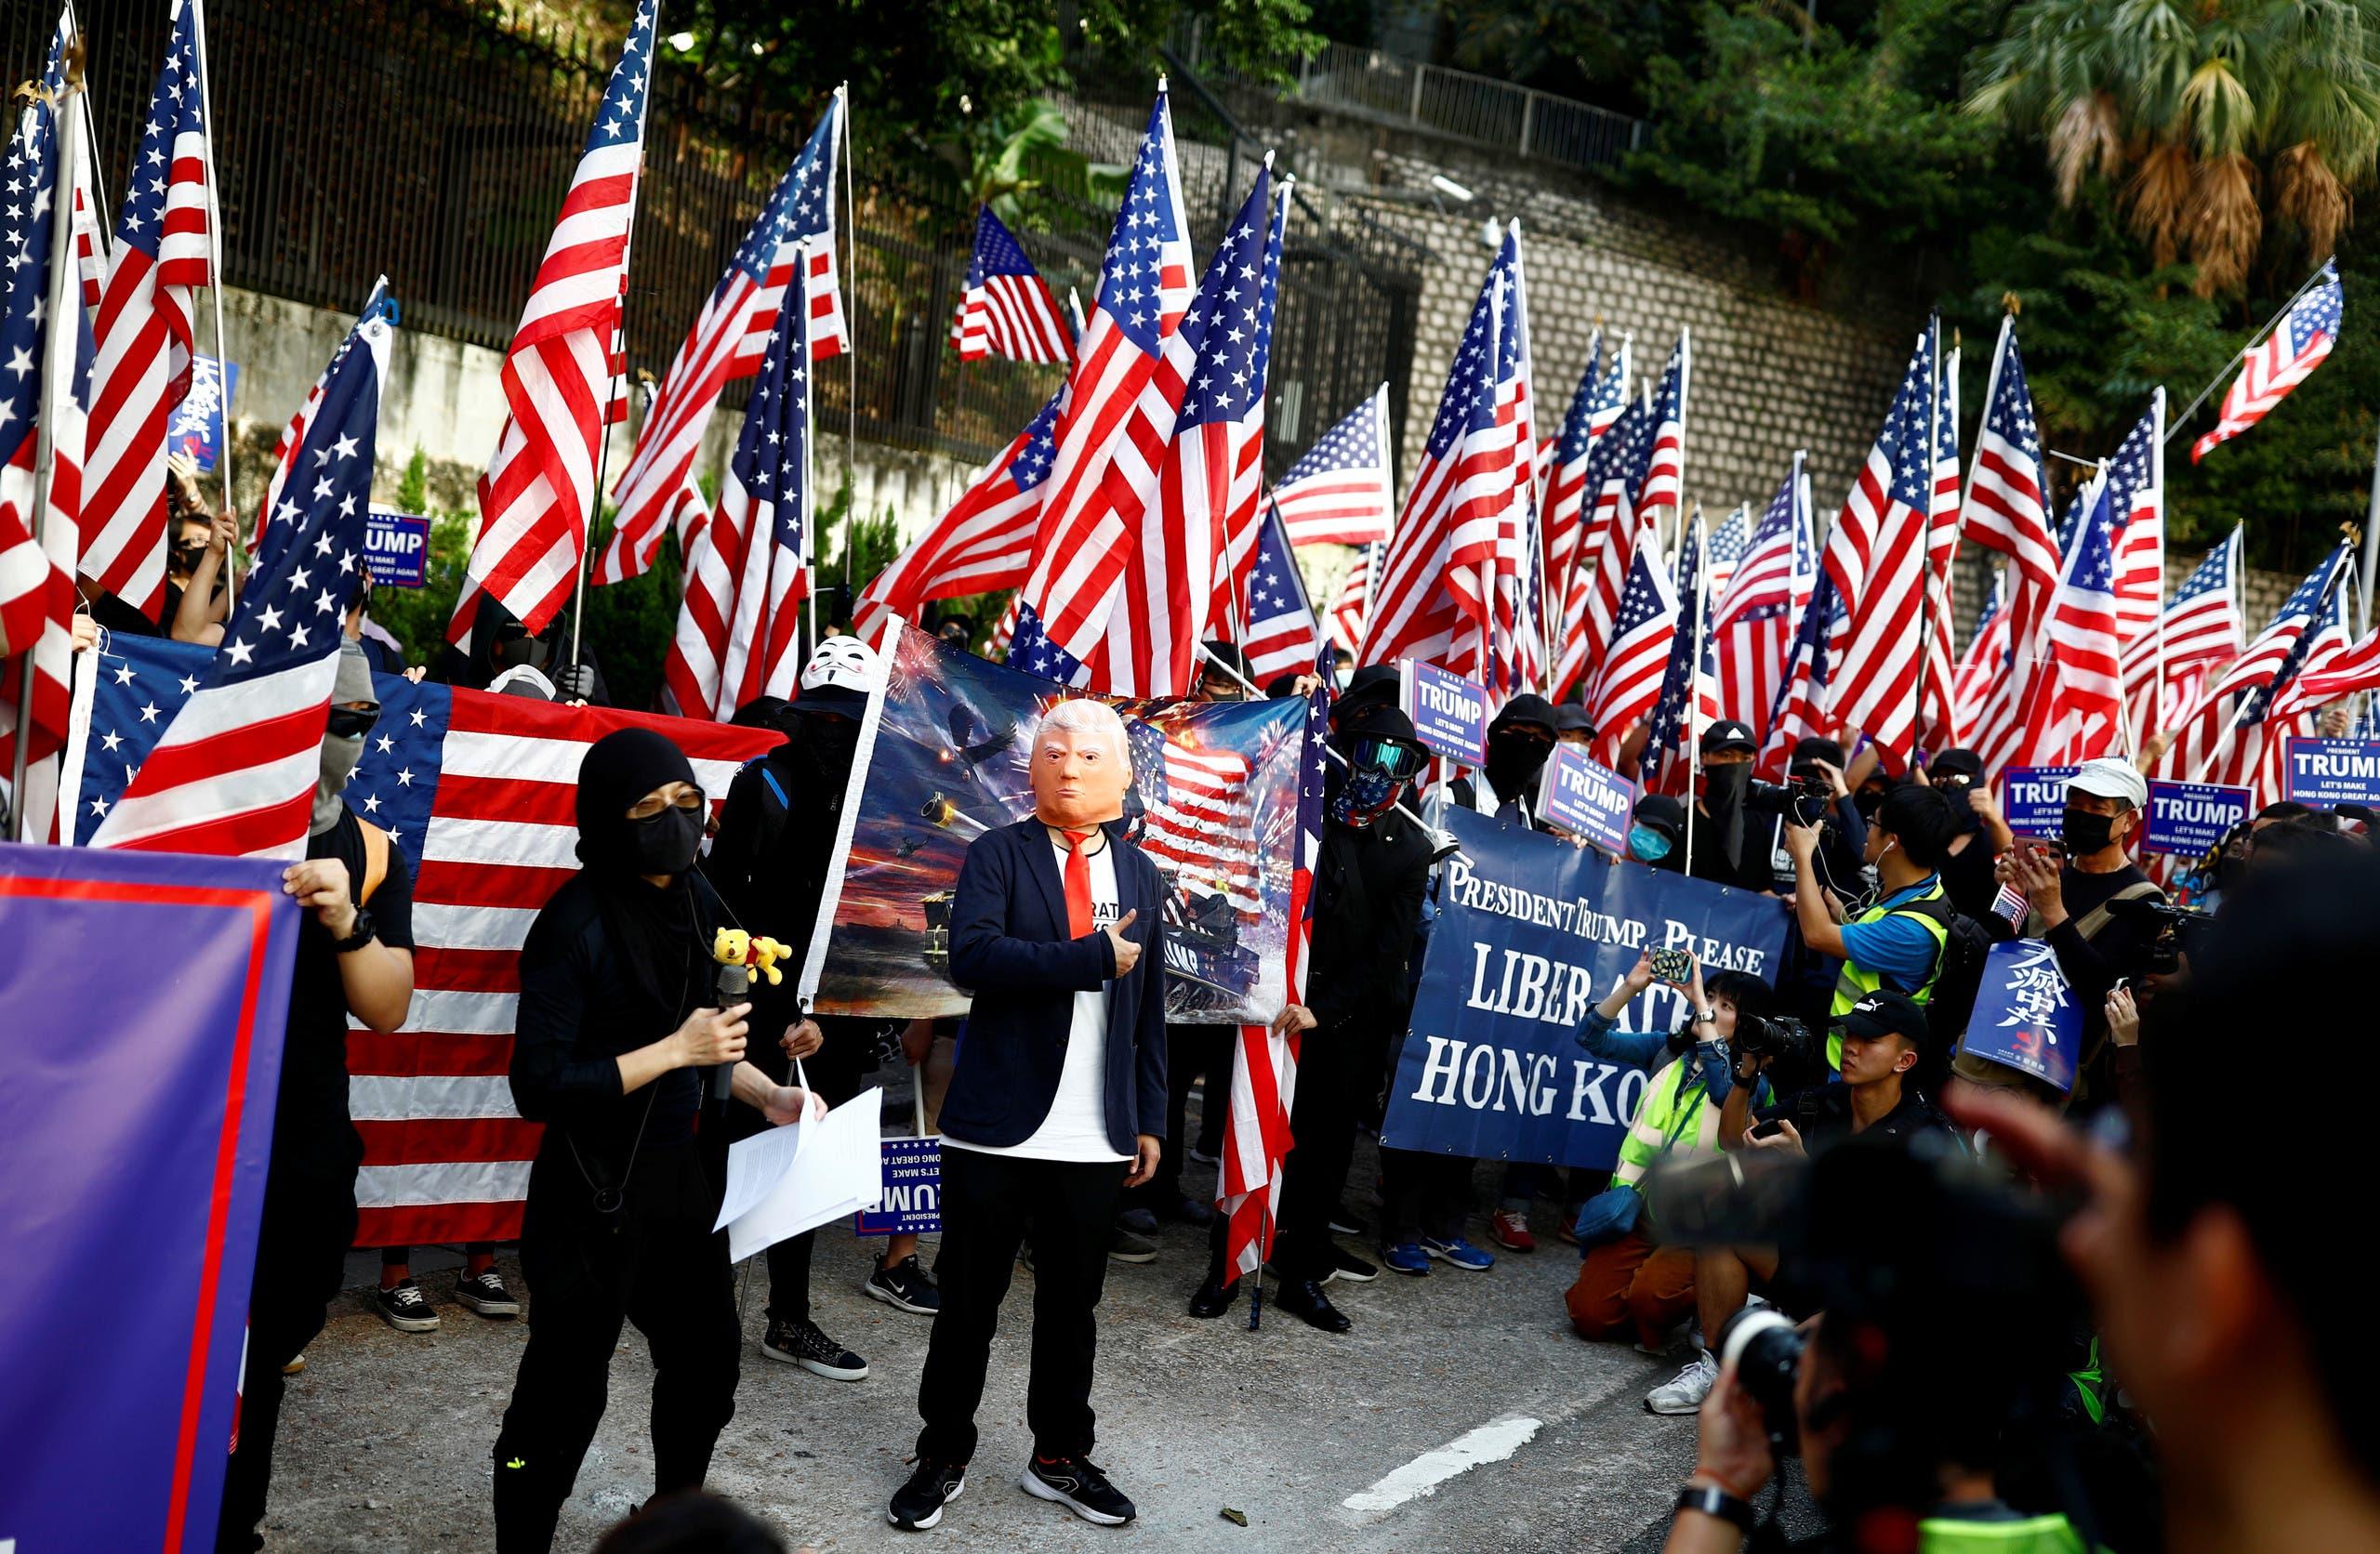 هونغ كونغ - من مسيرة للقنصلية الأميركية لإظهار الامتنان للولايات المتحدة